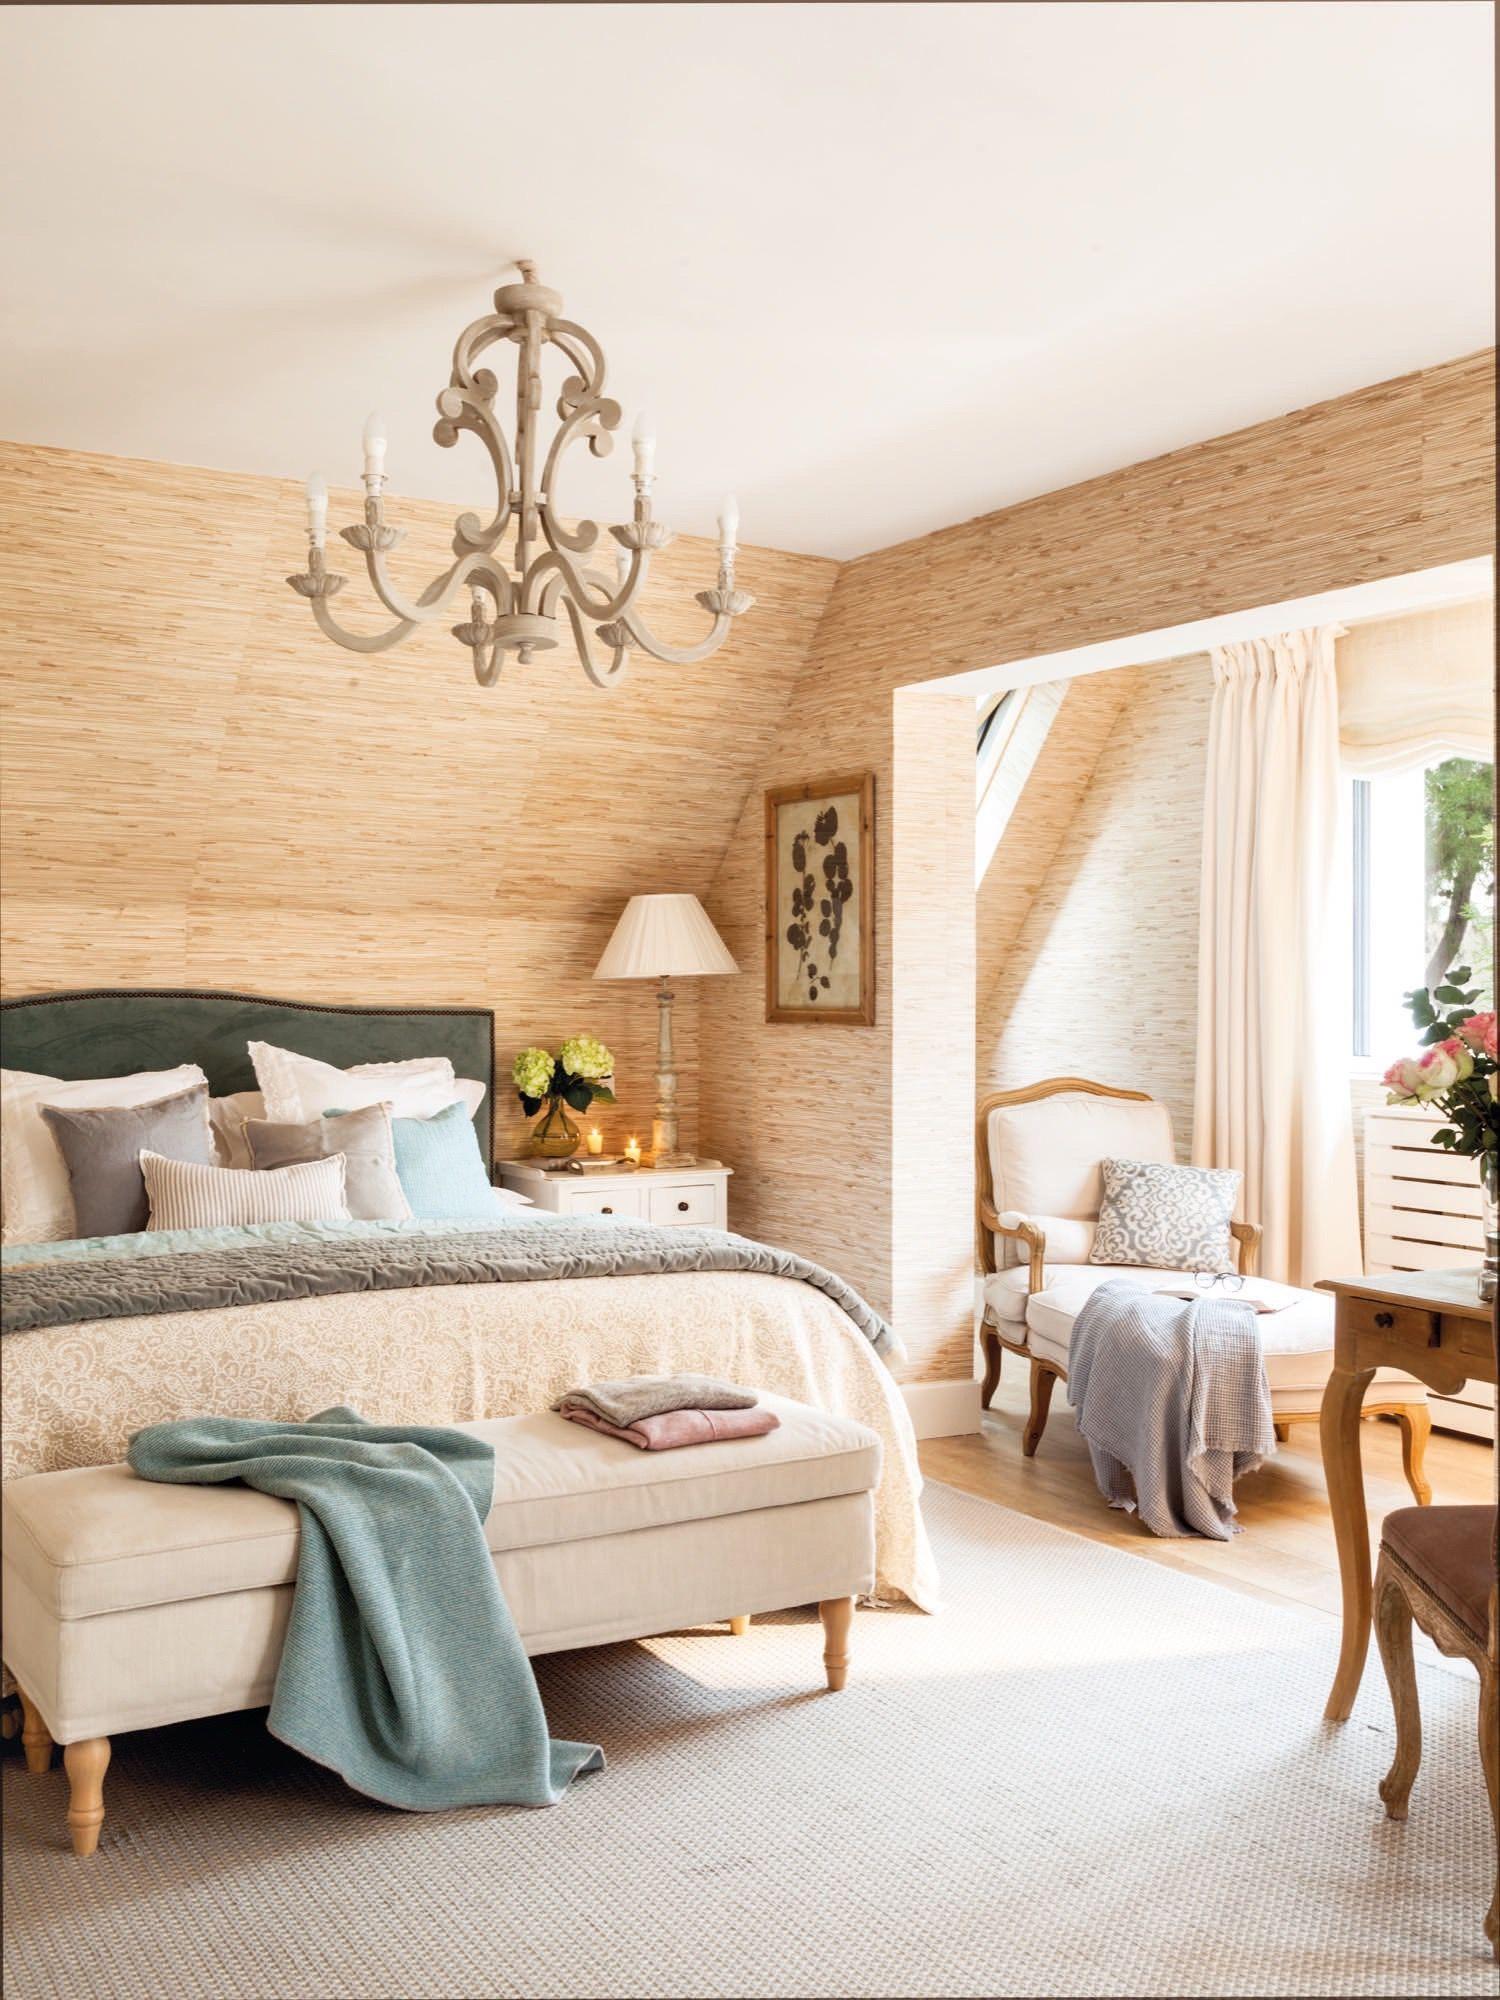 El dormitorio de los padres en 2019 dormitorios - Papeles pintados dormitorios ...